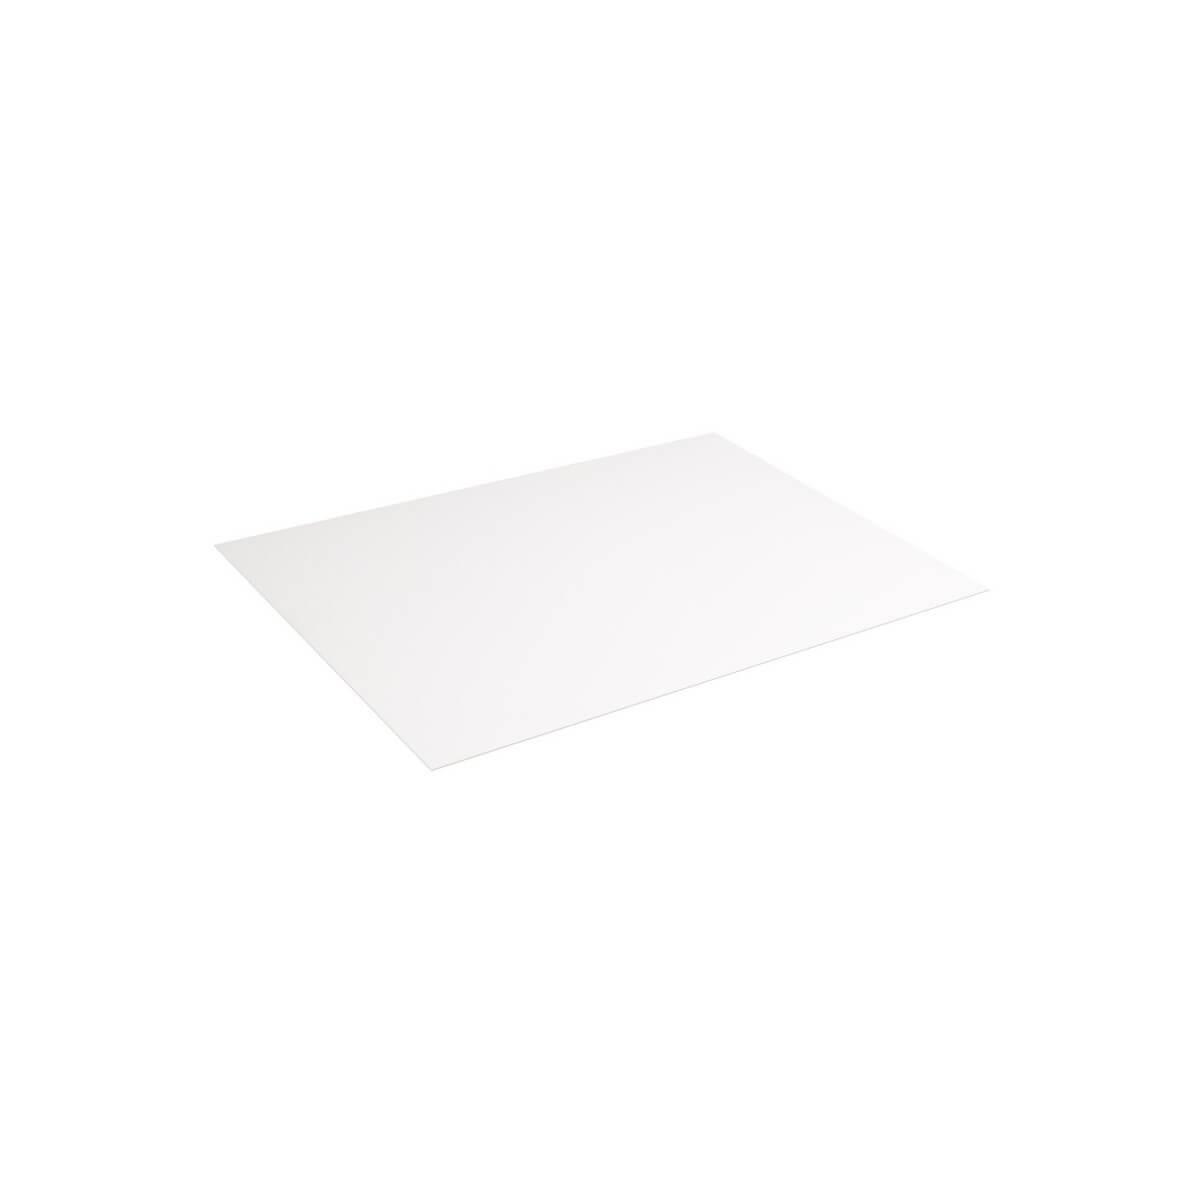 Plaque de contrecollé blanc